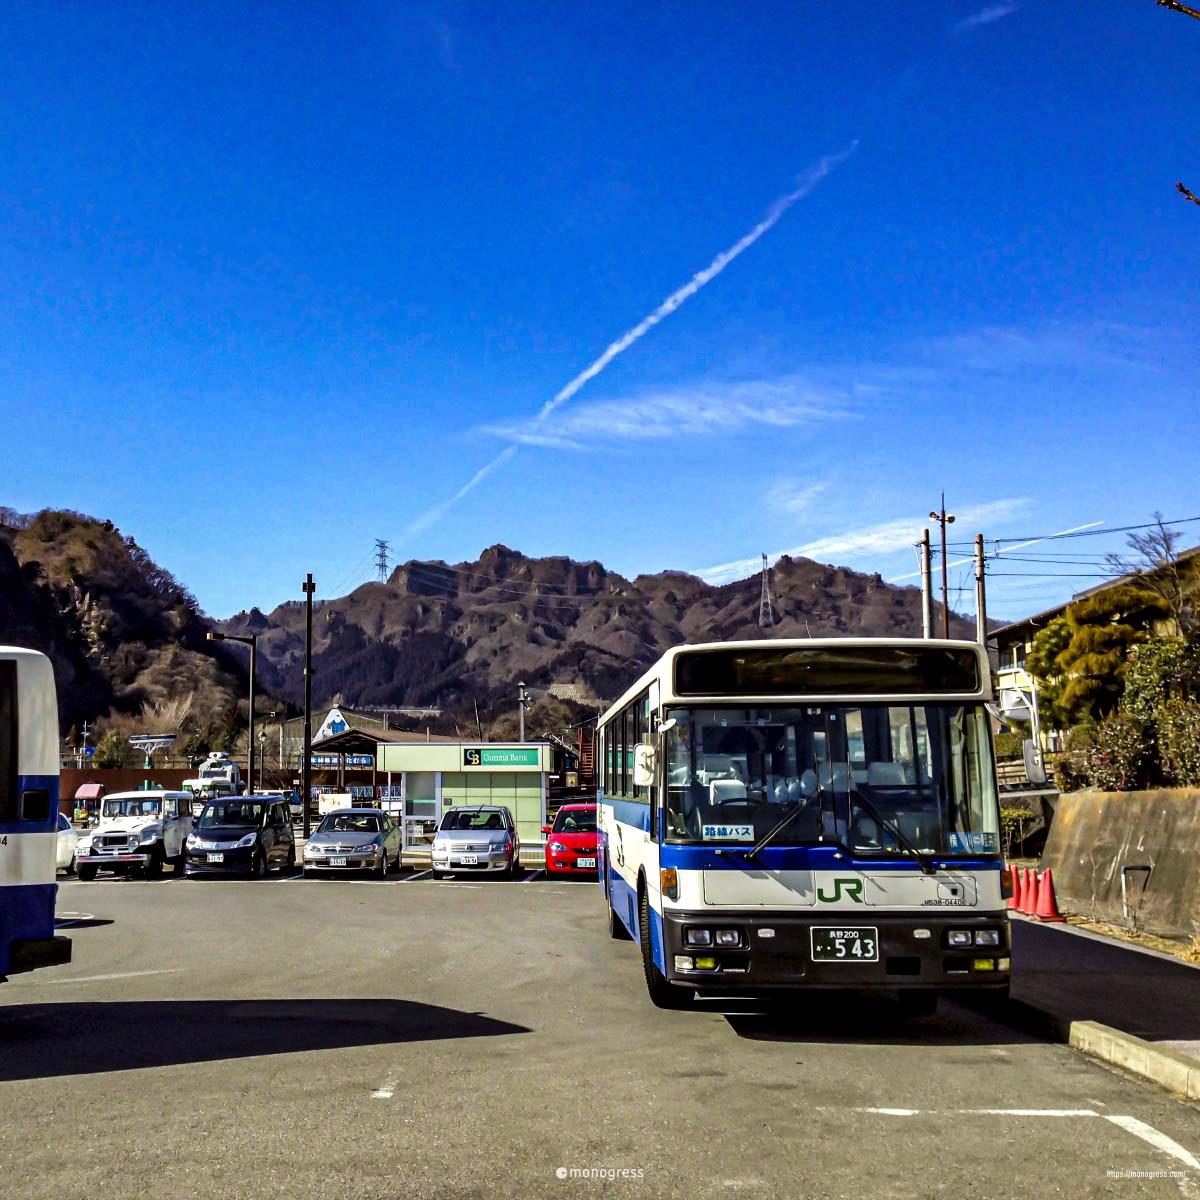 バスによる輸送も効率化はされていない